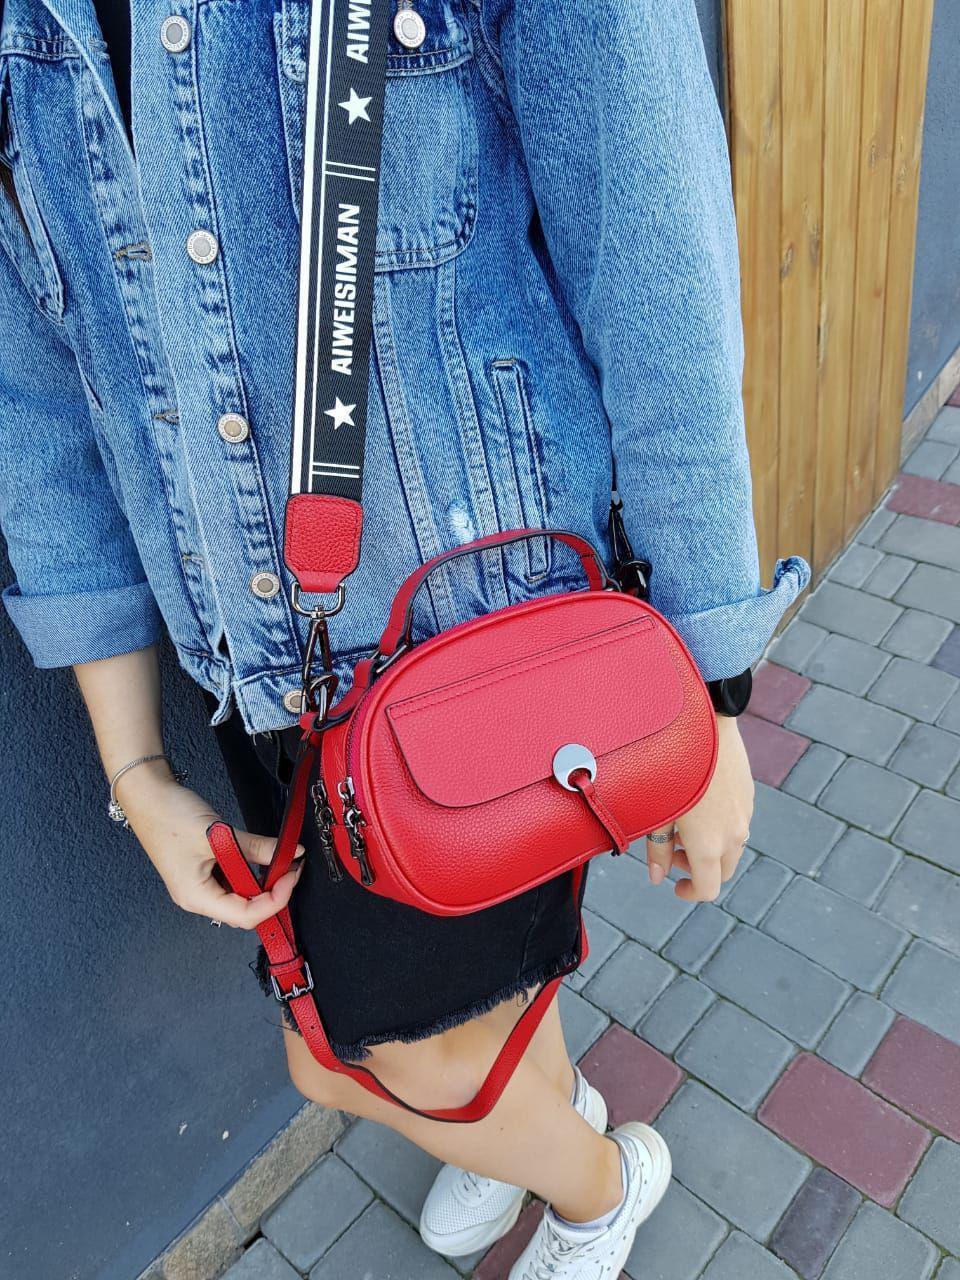 Кожаная женская сумка размером 14х22 см Красная